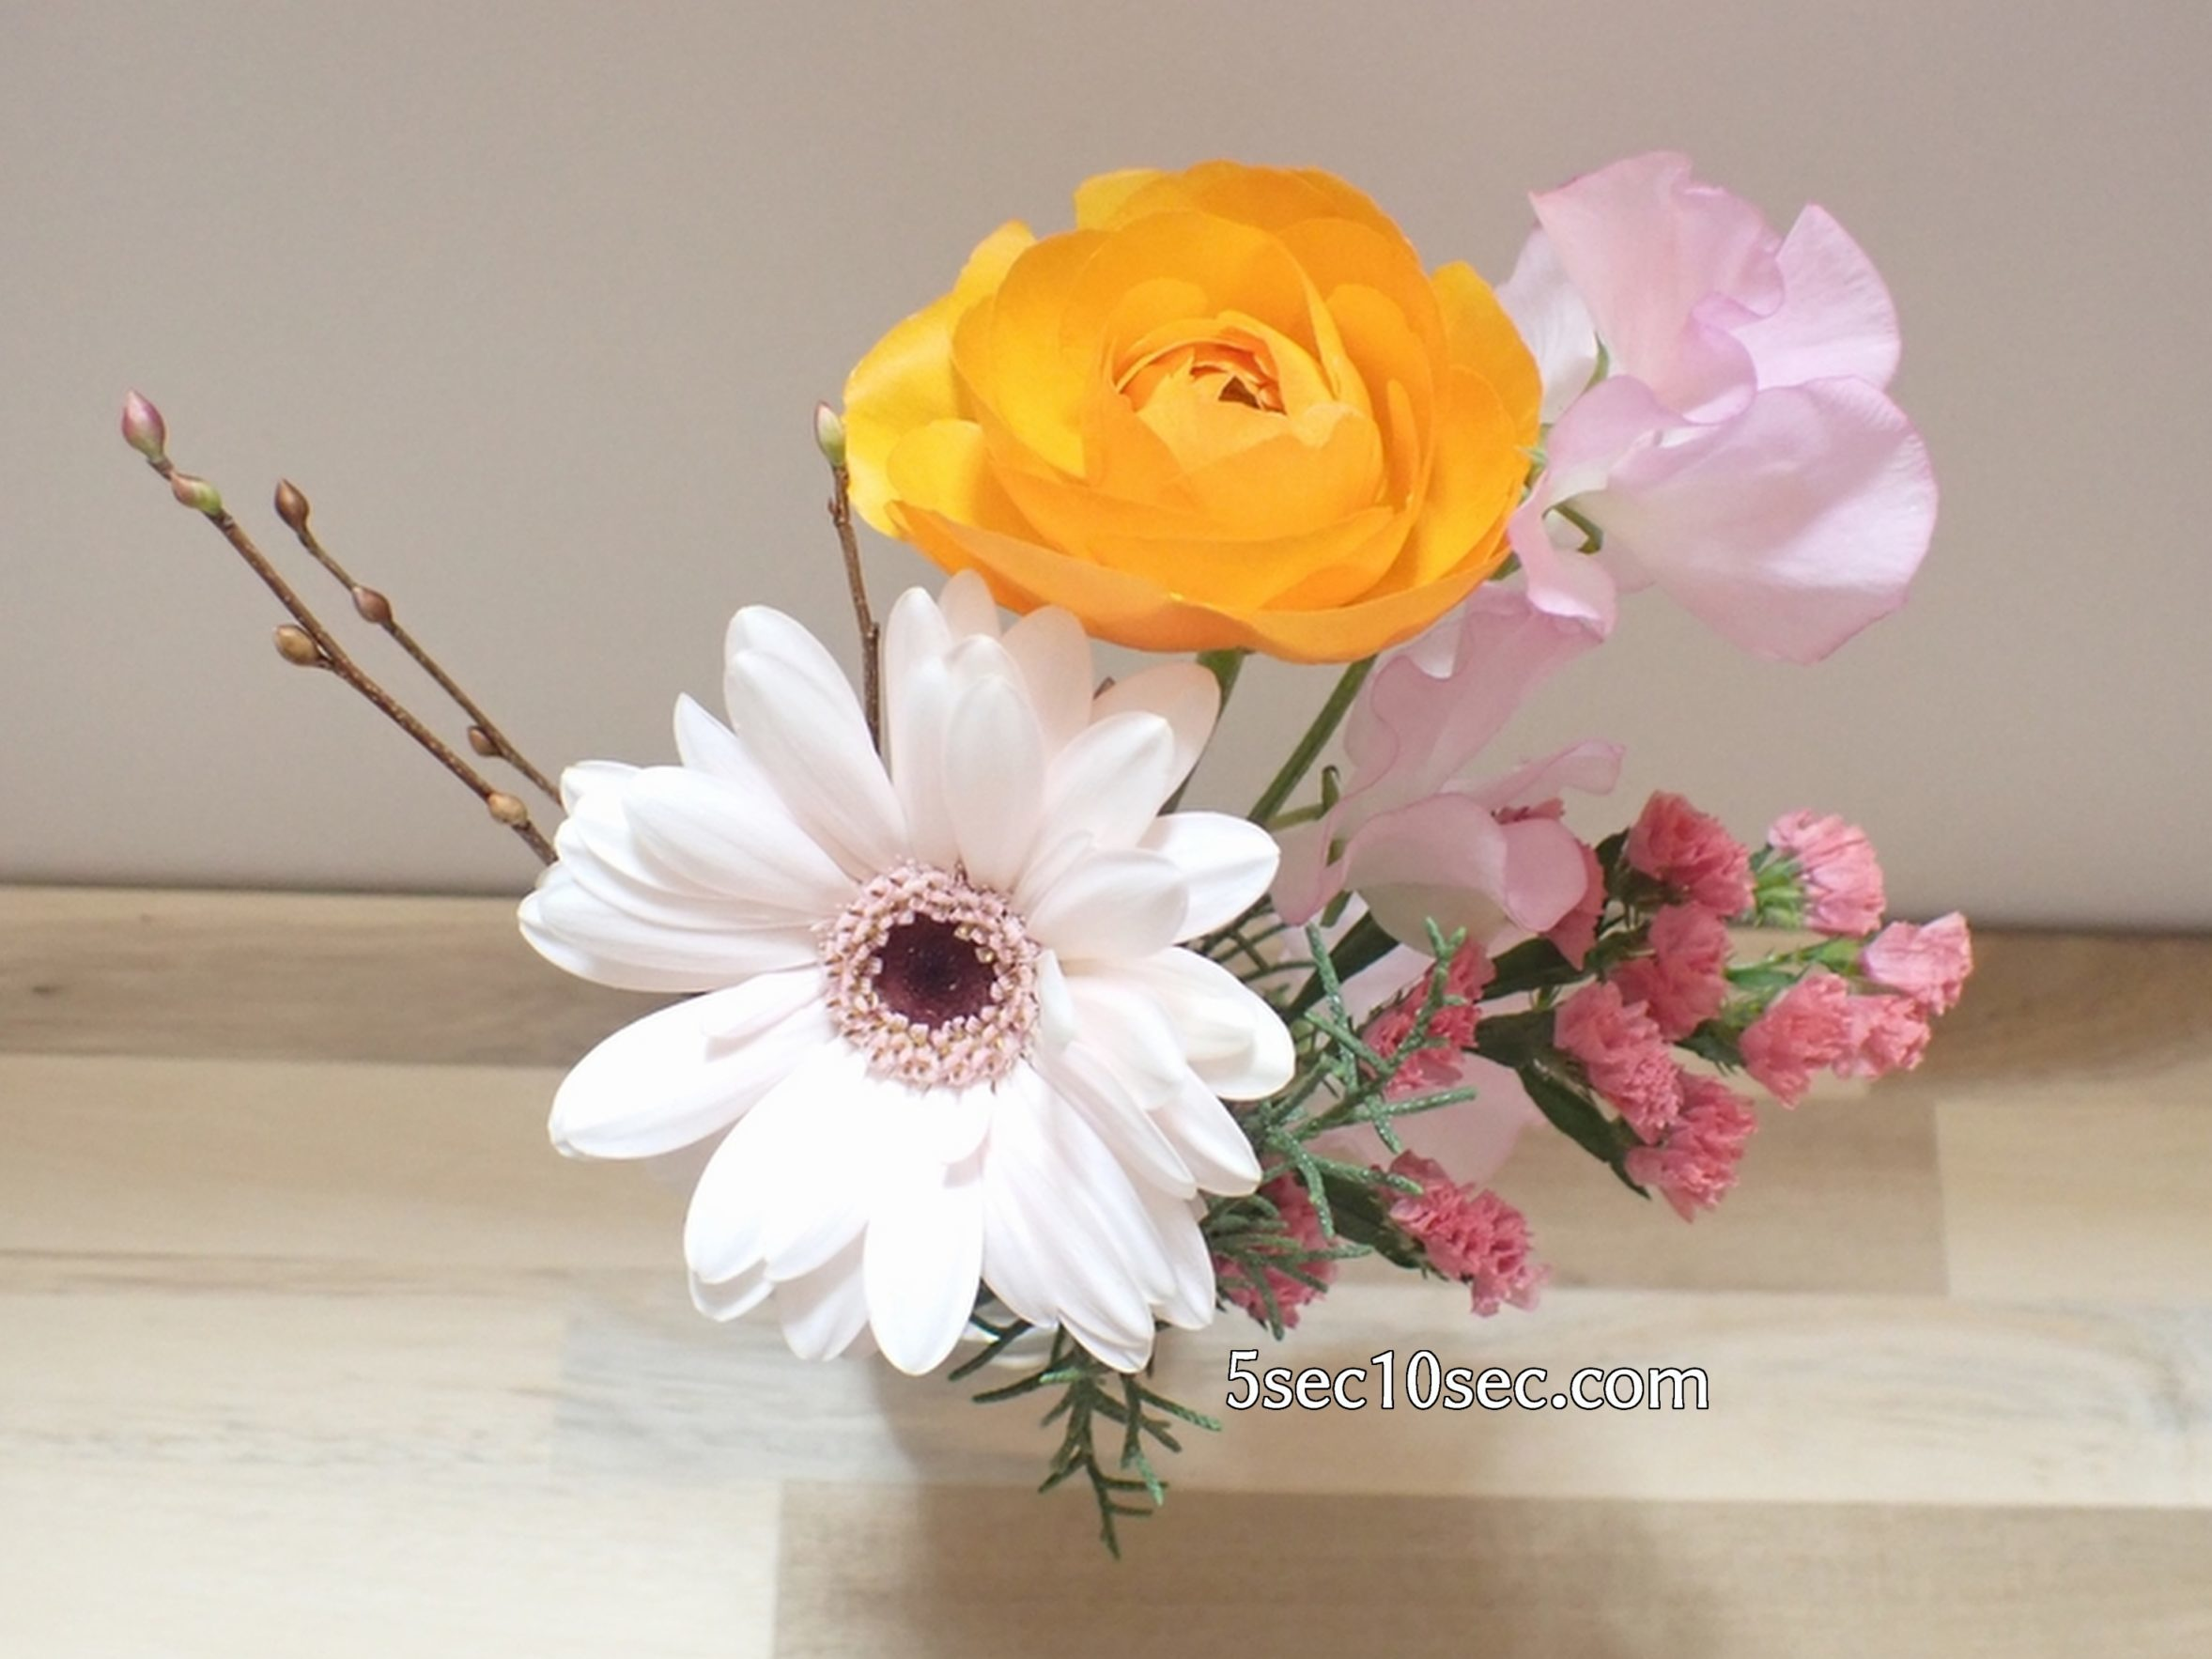 株式会社Crunch Style お花の定期便 Bloomee LIFE ブルーミーライフ 800円のレギュラープラン ガーベラ ココットを前に持ってきた写真